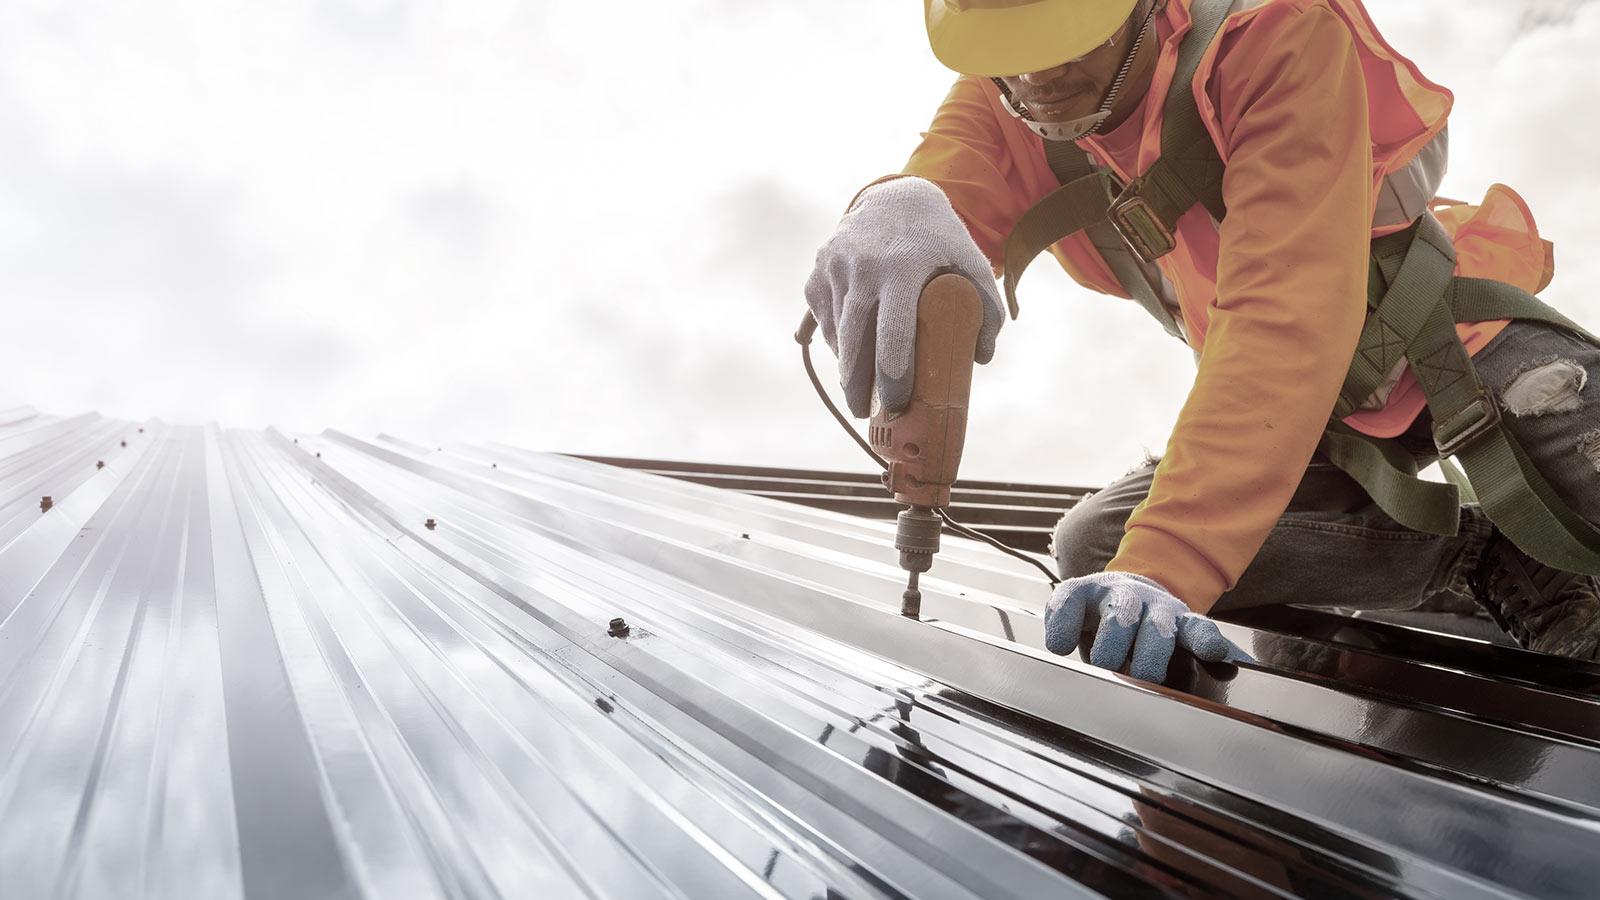 Baustoffe und Bauindustrie